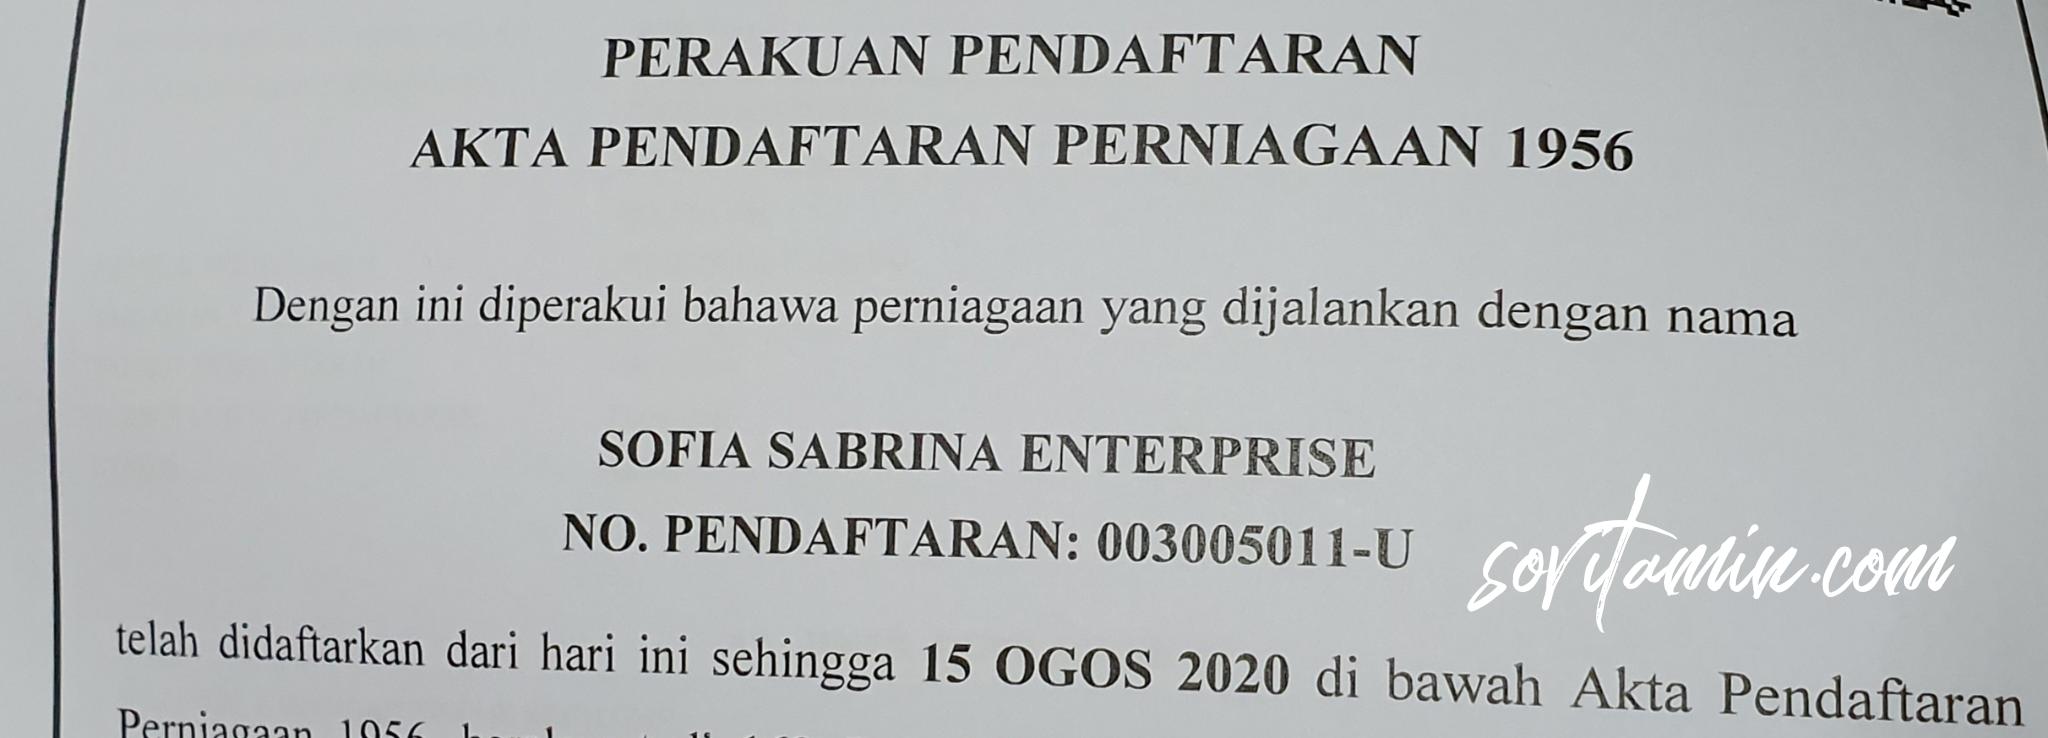 Sofia Sabrina Enterprise